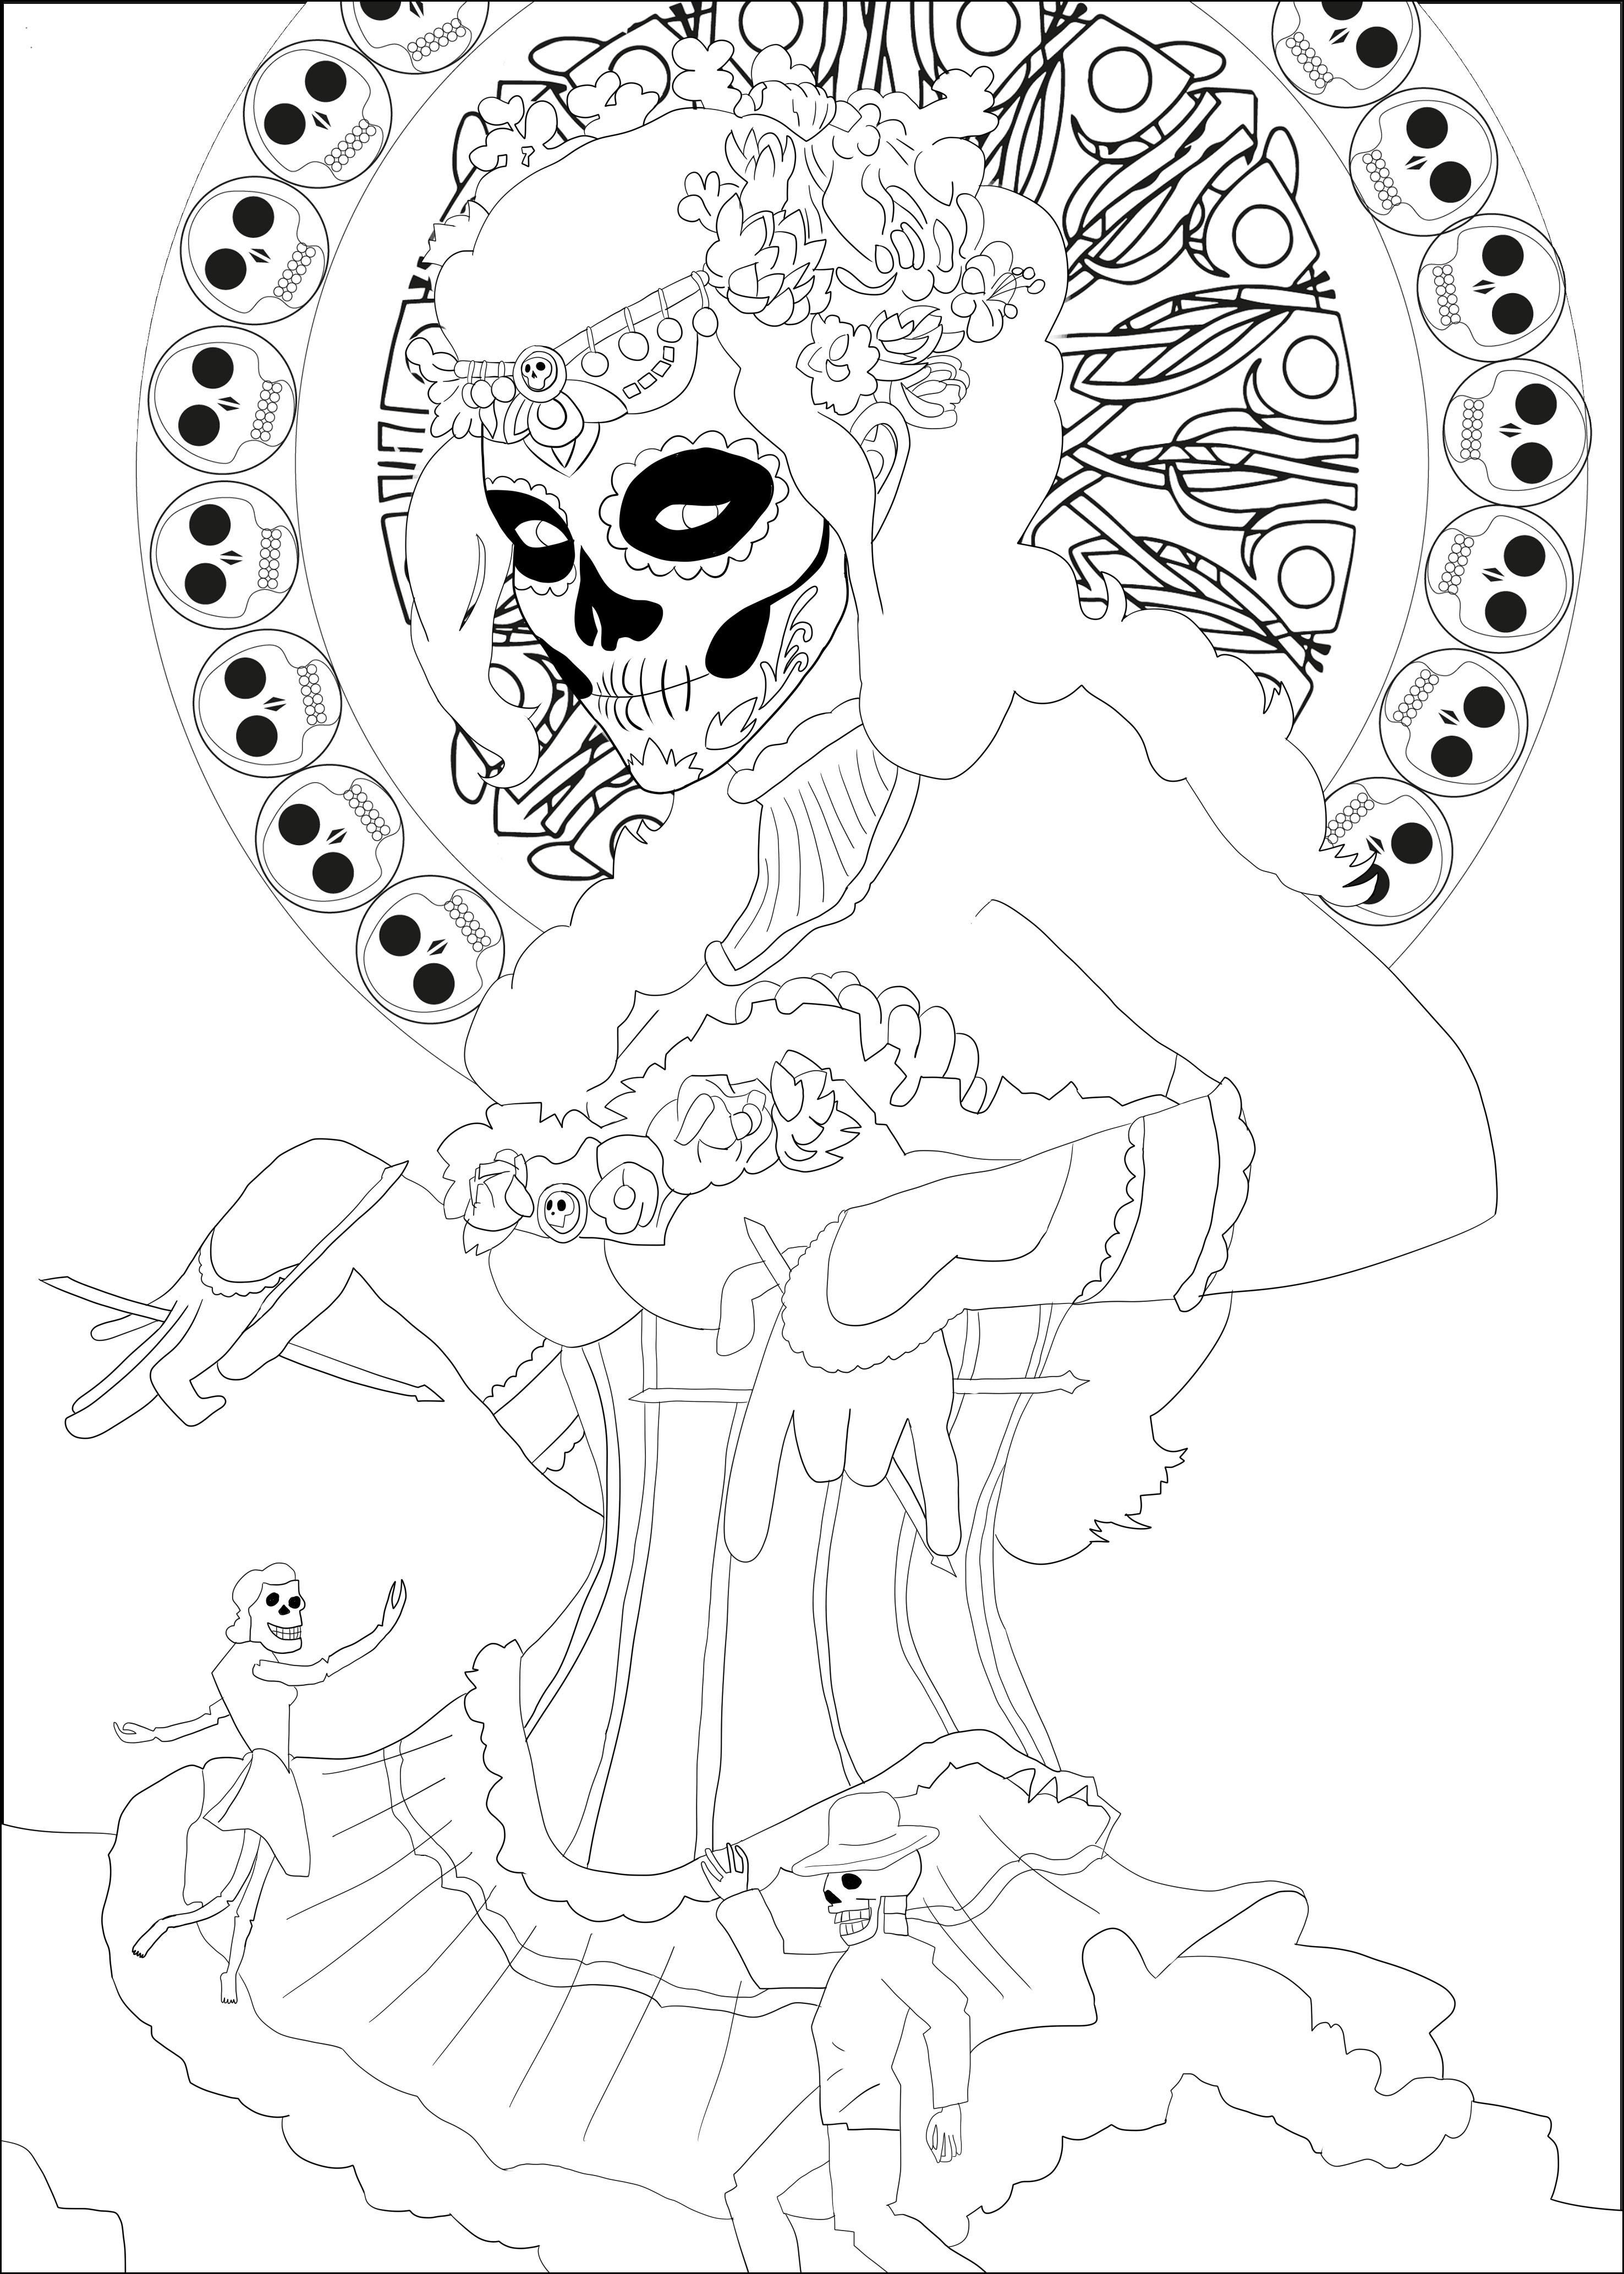 Coloriage inspiré de la fête mexicaine 'Día de los Muertos' (Jour des Morts)